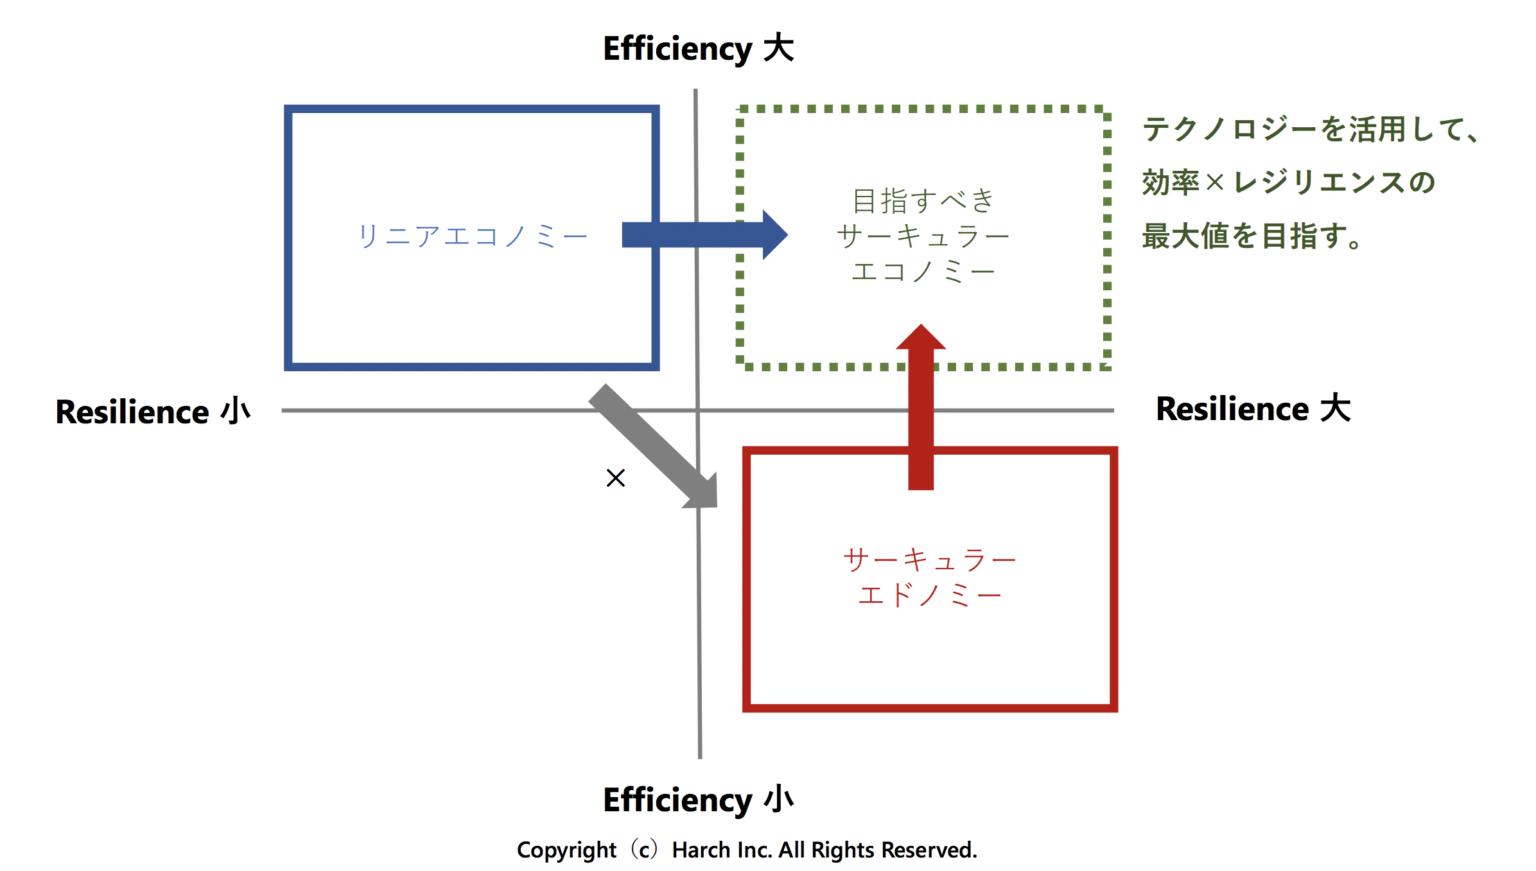 「効率性(Efficiency)」と「レジリエンス(Resilience)」の関係図(加藤佑氏提供)